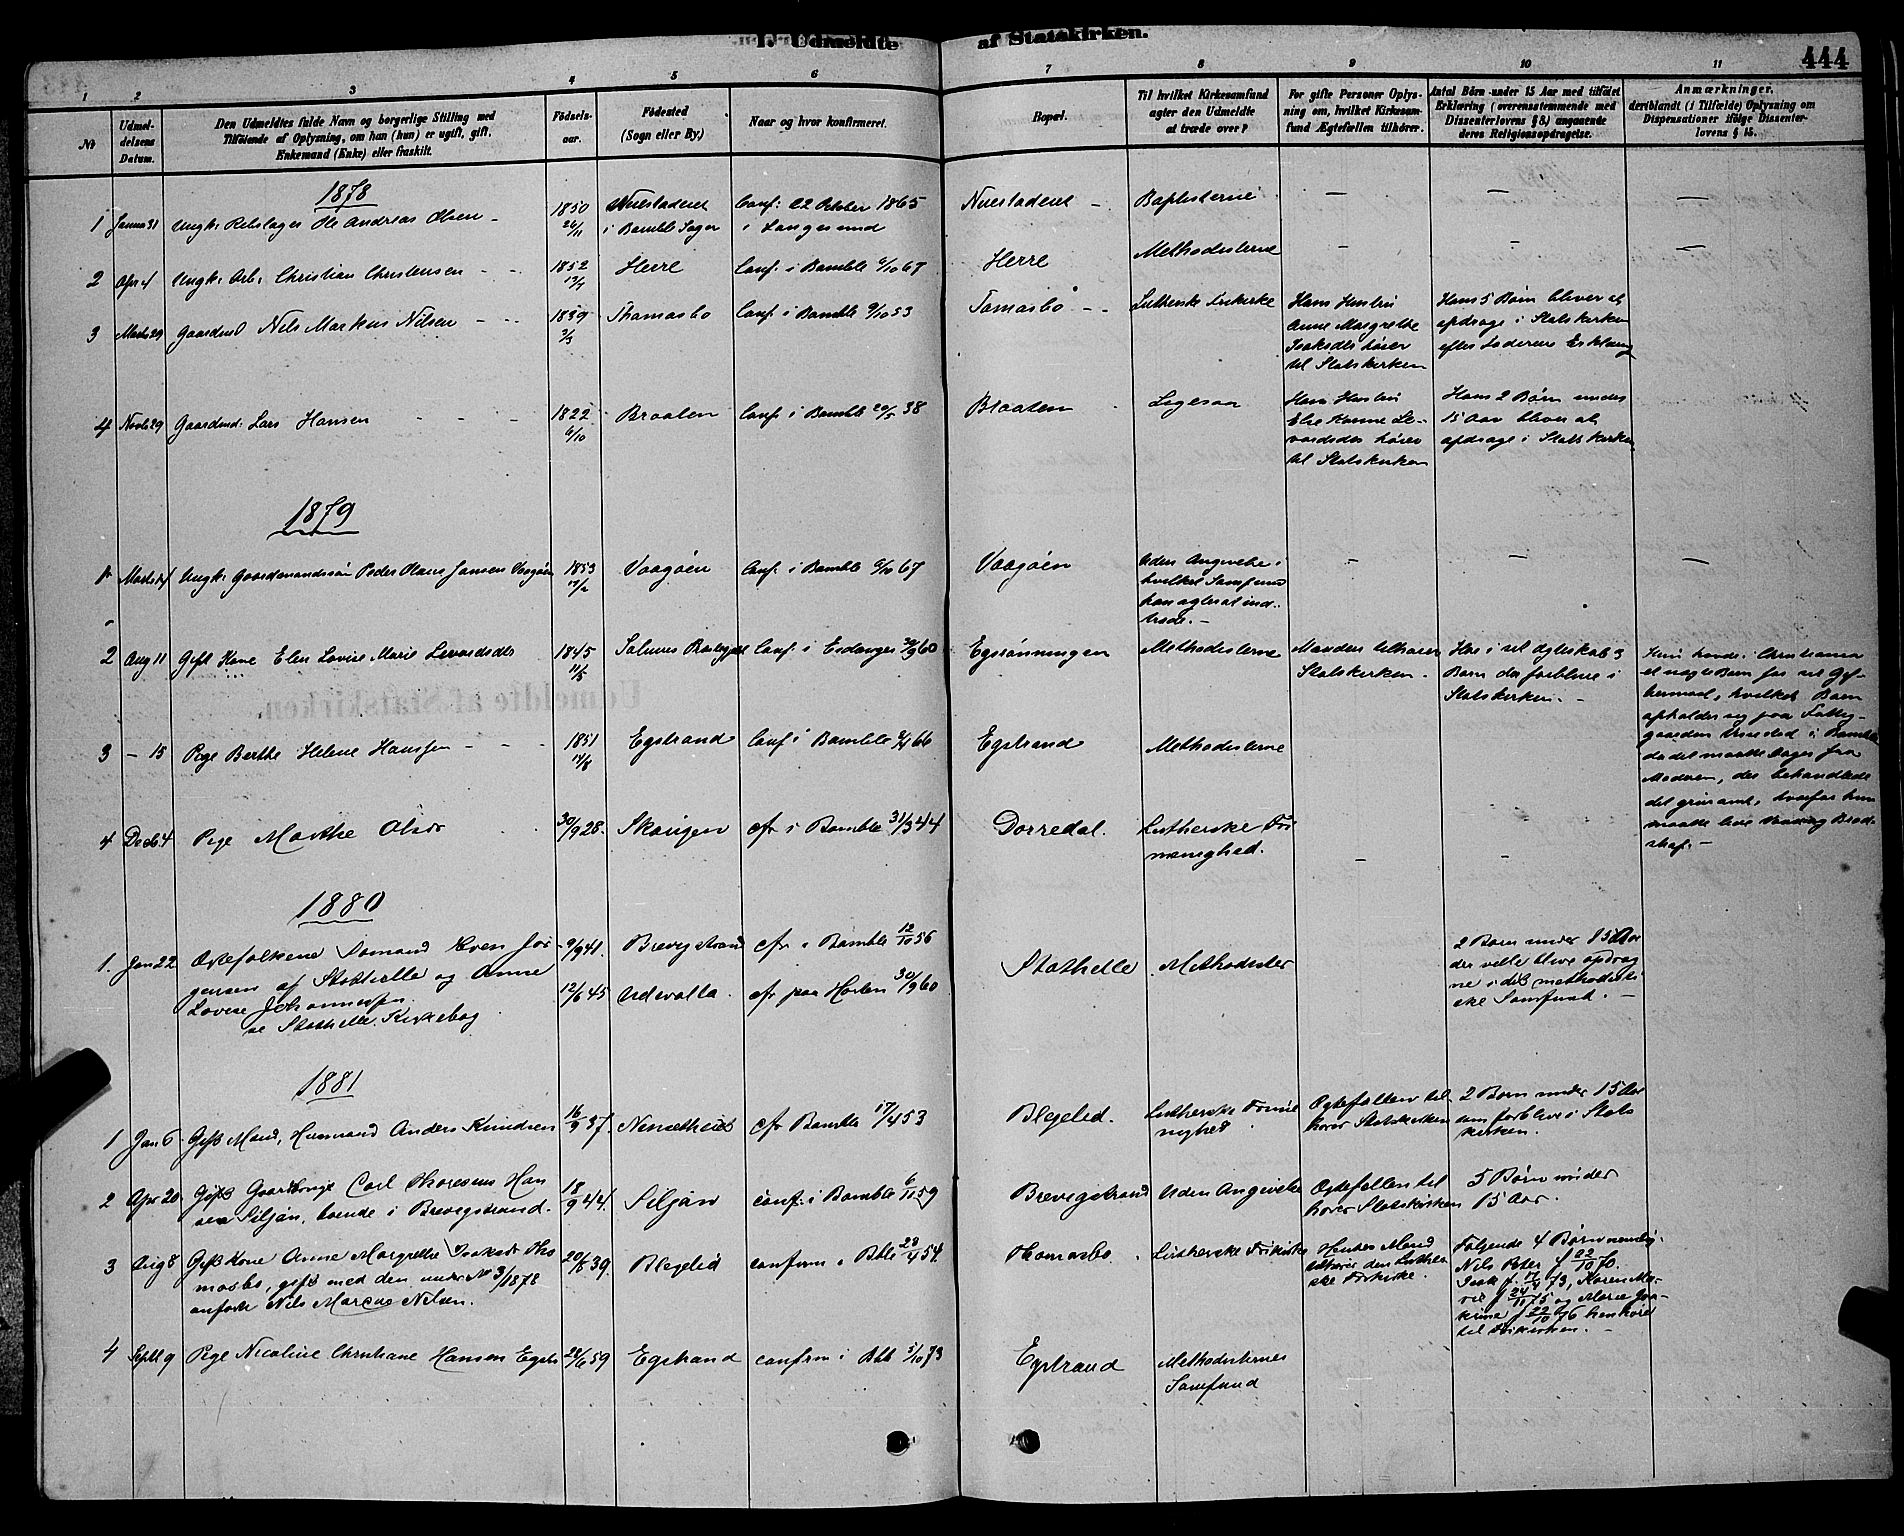 SAKO, Bamble kirkebøker, G/Ga/L0008: Klokkerbok nr. I 8, 1878-1888, s. 444